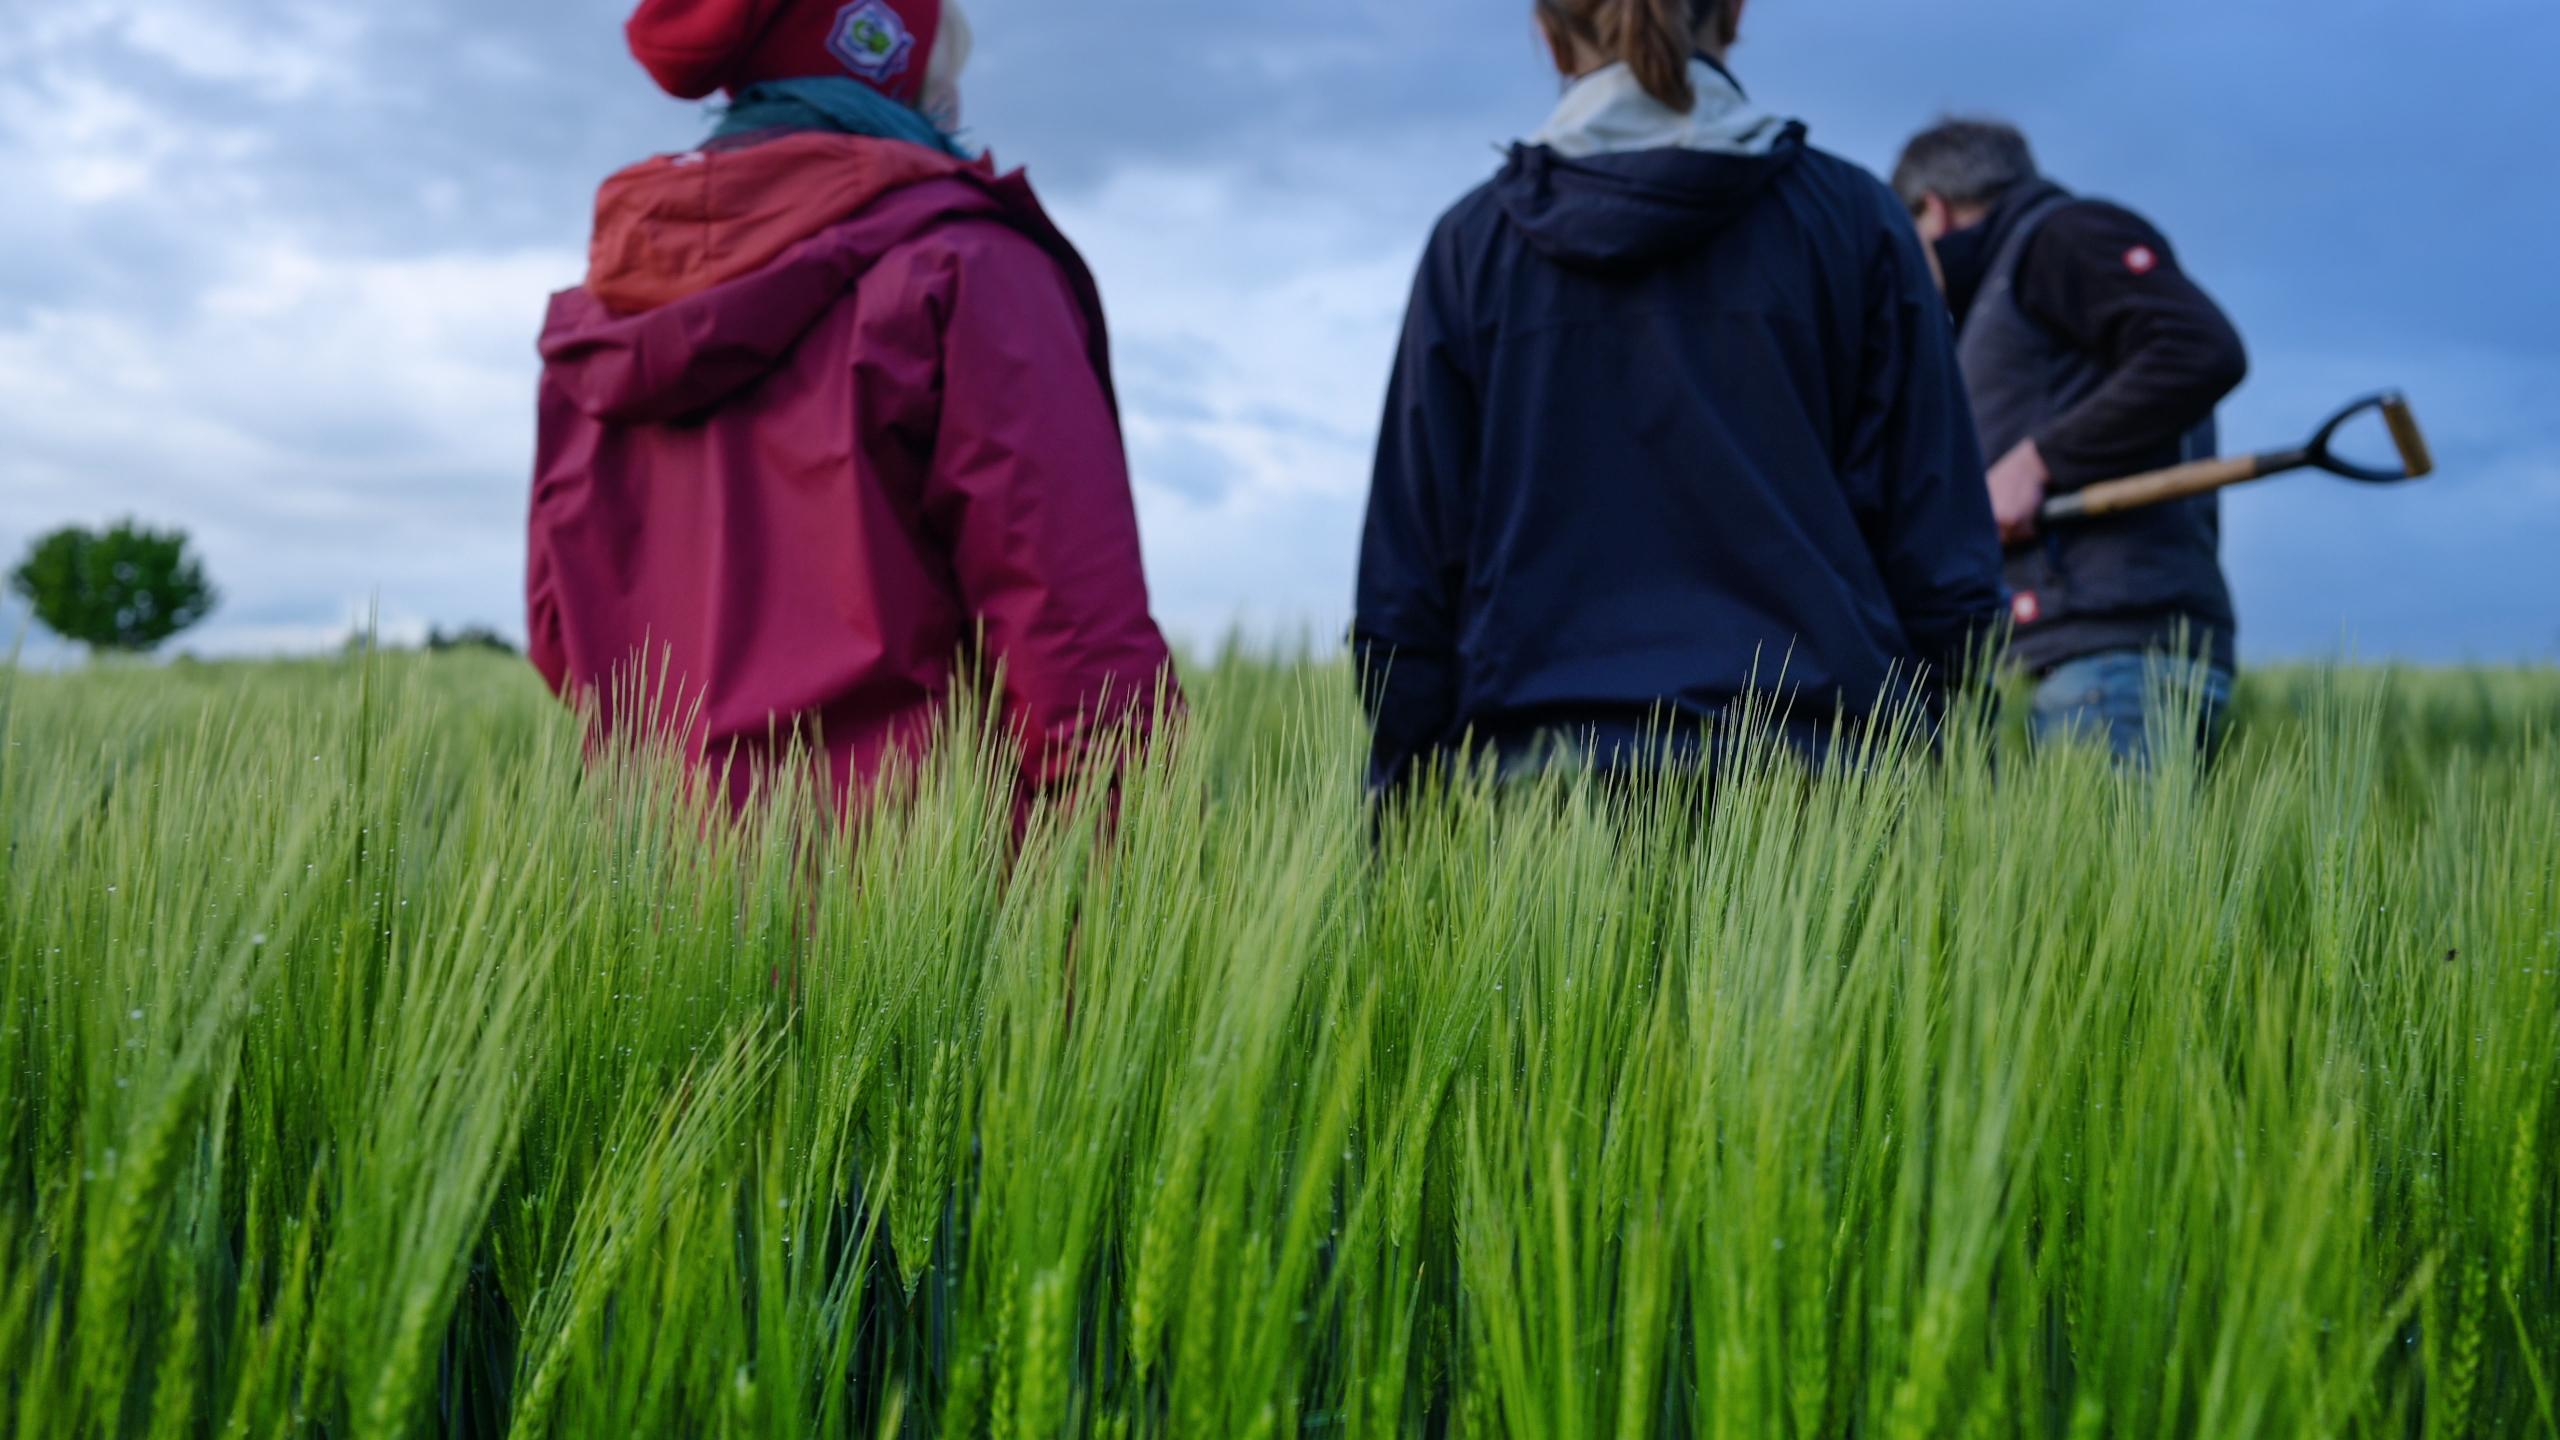 Feldführung mit Alexander Klümper - Aukse TV - Regenerative Landwirtschaft